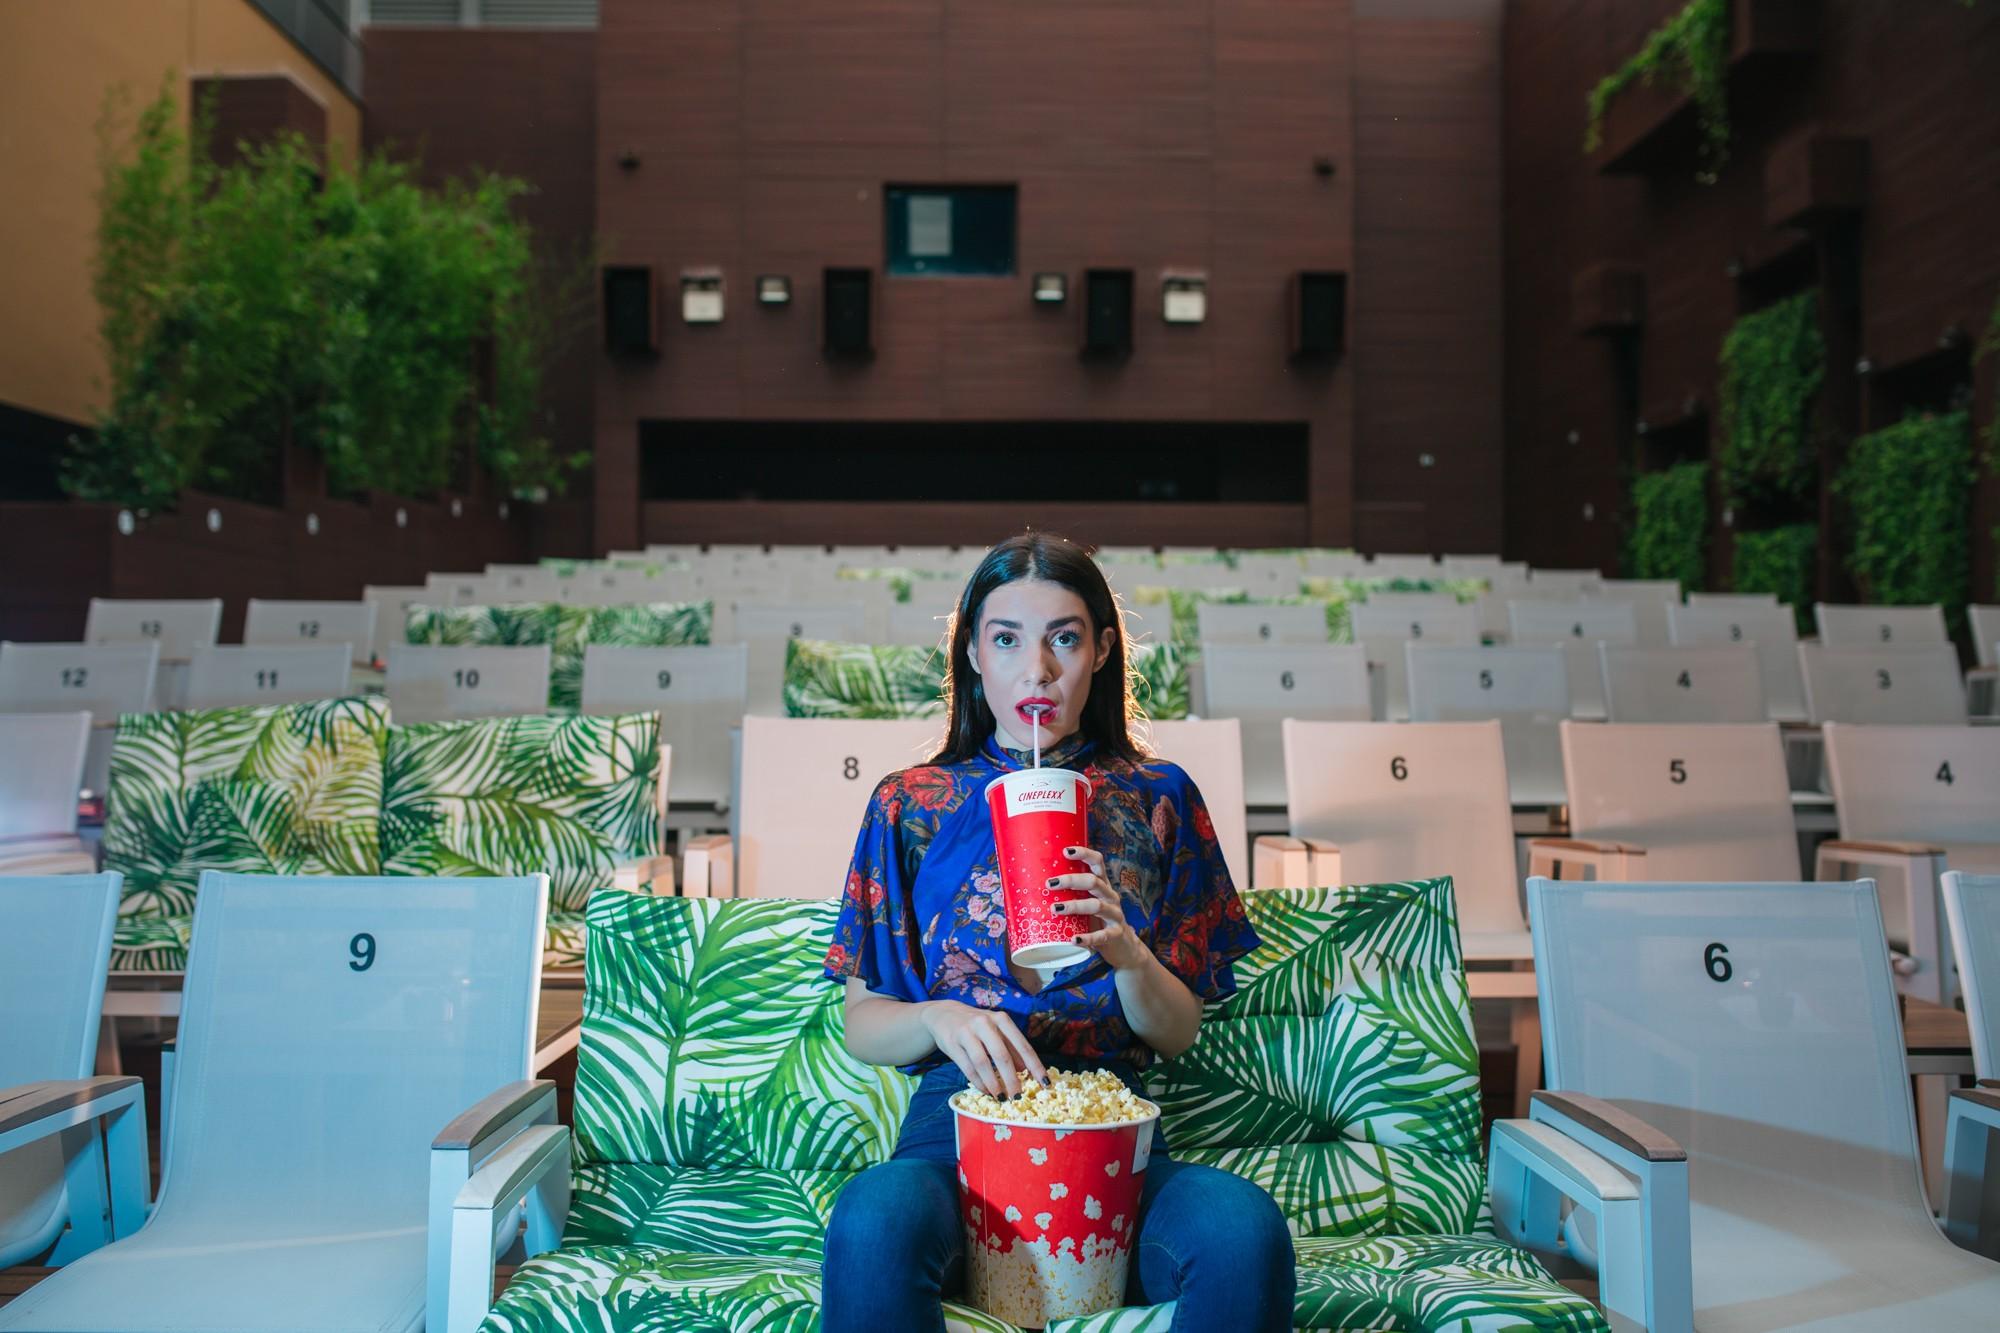 Διαφημιστική Φωτογράφιση - Φωτογράφιση επαγγελματικού χώρου Cineplexx